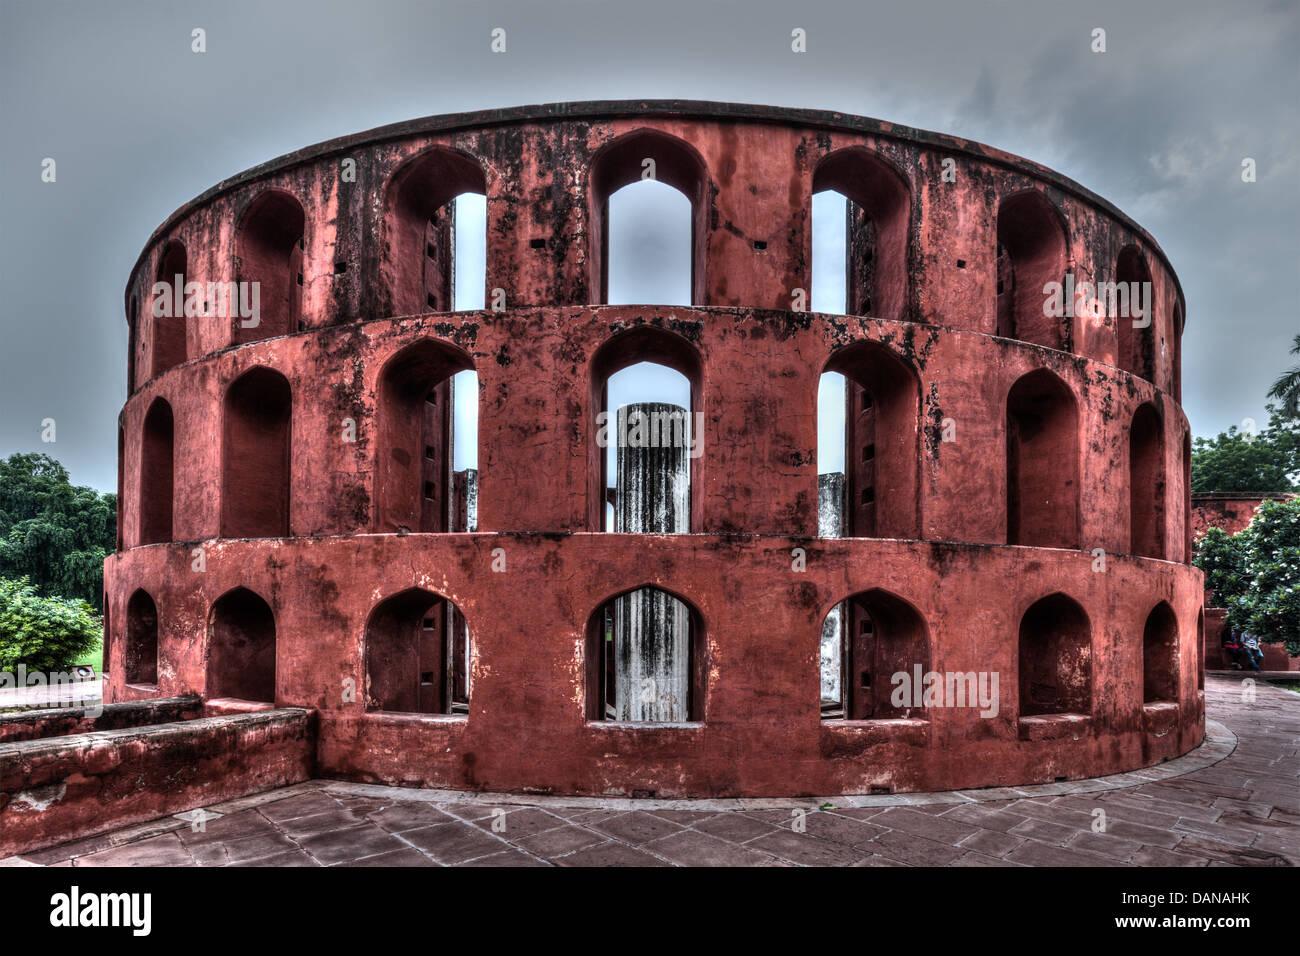 Jantar Mantar - antico osservatorio con architettura strumenti di astronomia in Delhi, India Immagini Stock